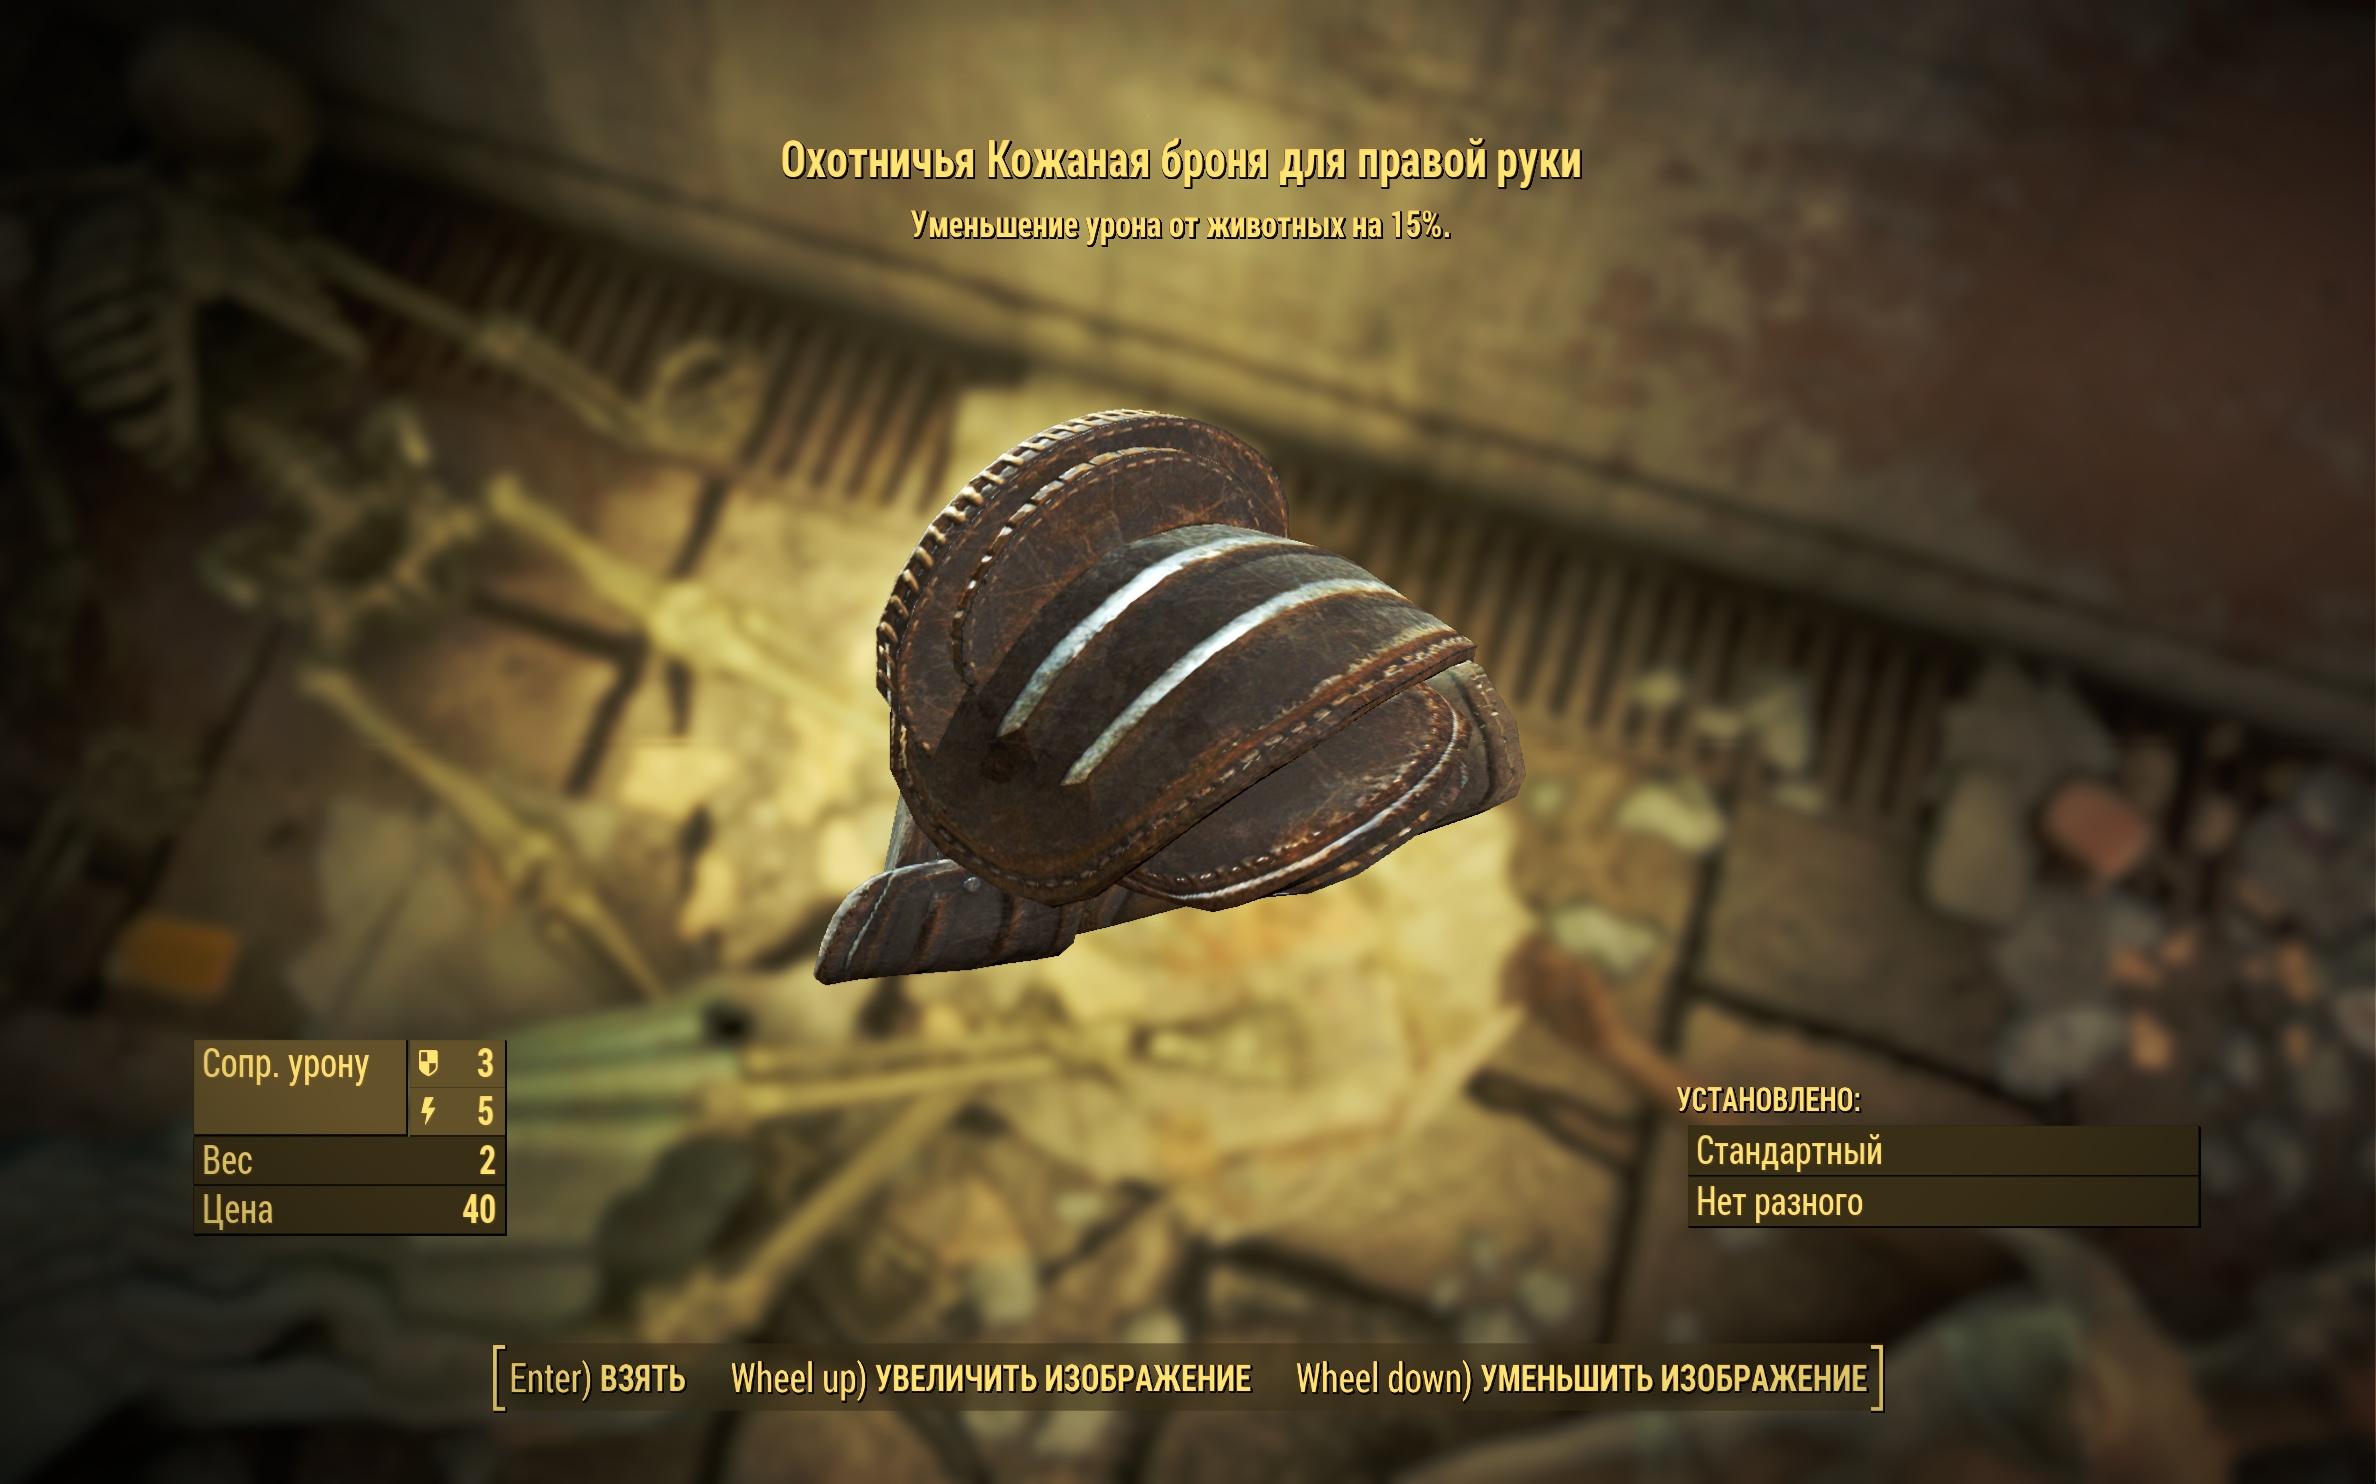 Охотничья кожаная броня для правой руки - Fallout 4 броня, кожаная, Одежда, Охотничья